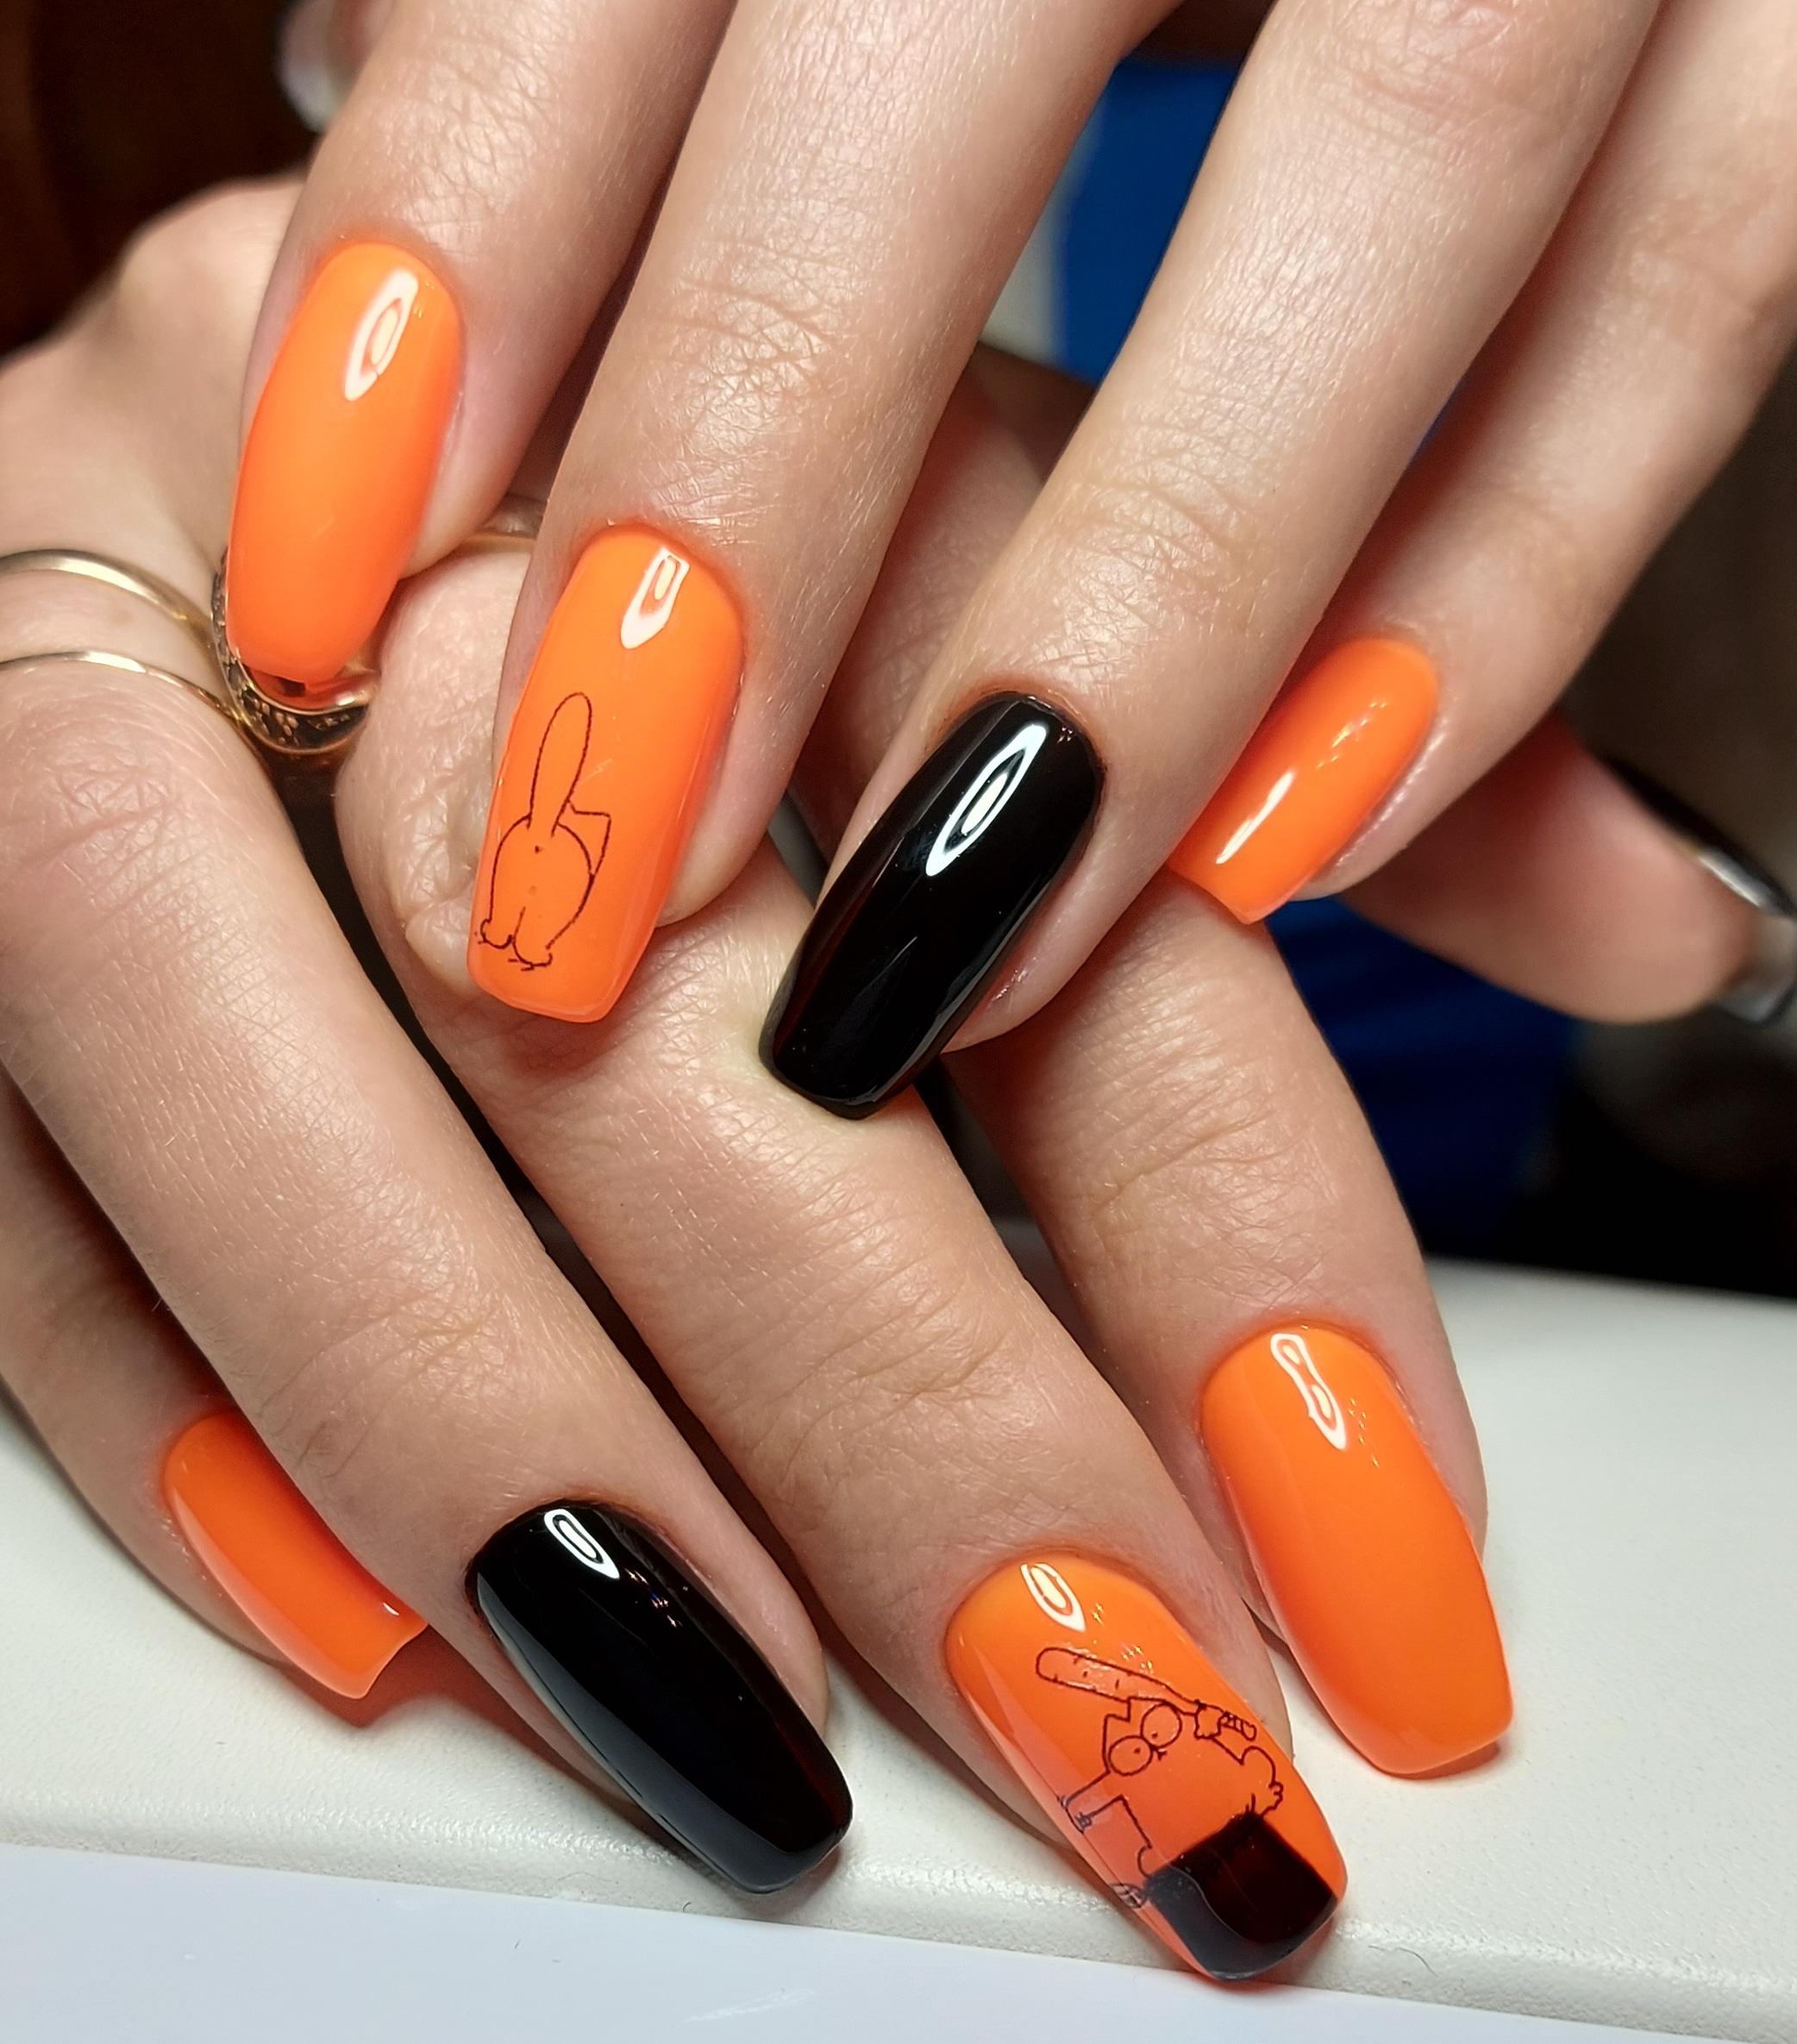 Маникюр с котиком в оранжевом цвете на длинные ногти.